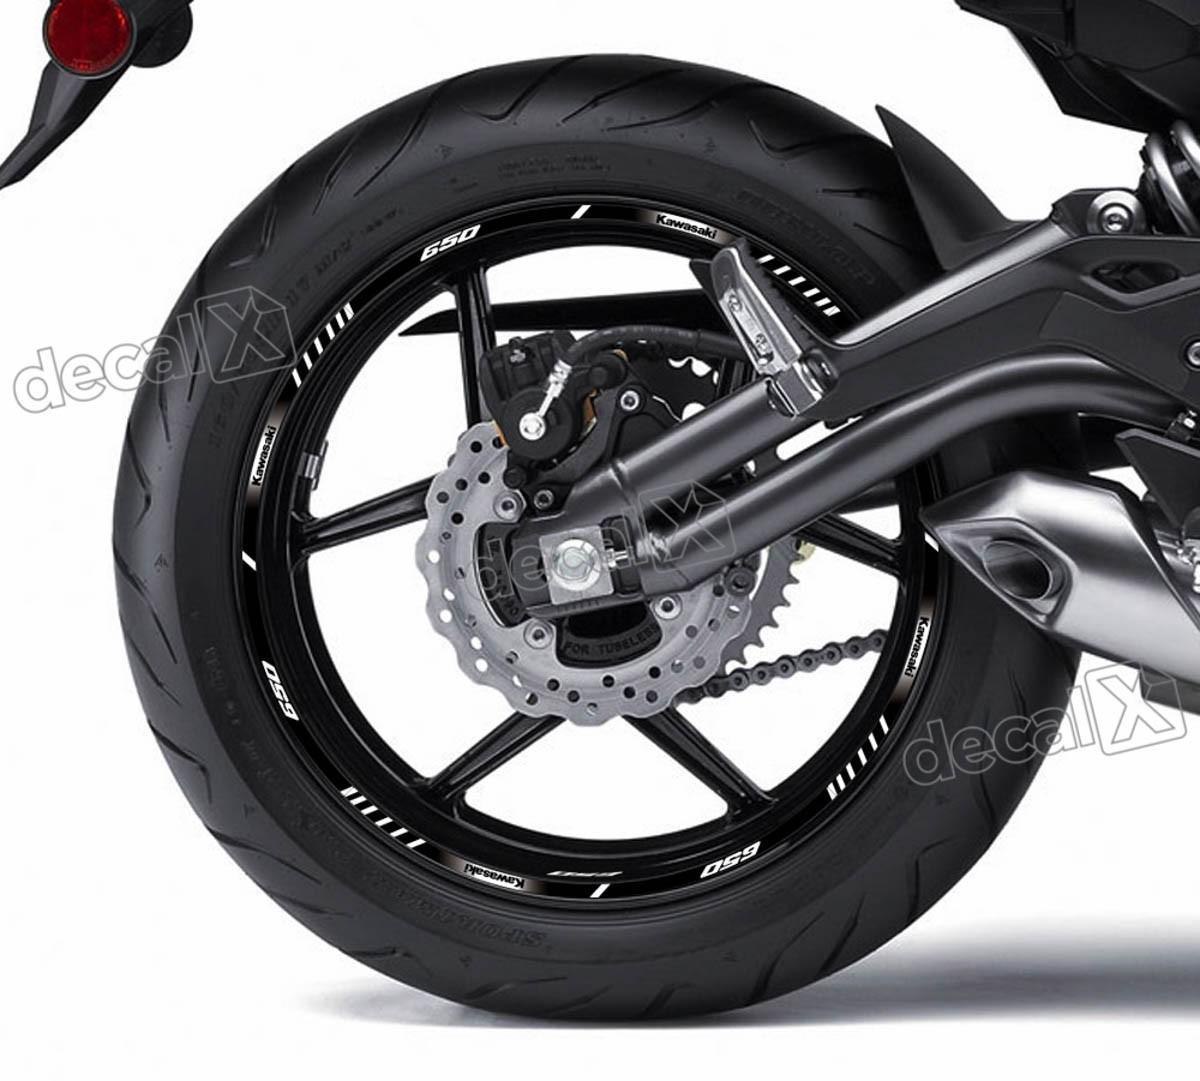 Armario De Parede Pequeno ~ Kit Adesivo Friso Refletivo Roda Moto Kawasaki 650 Fri83 Adesivos para motos& Adesivos